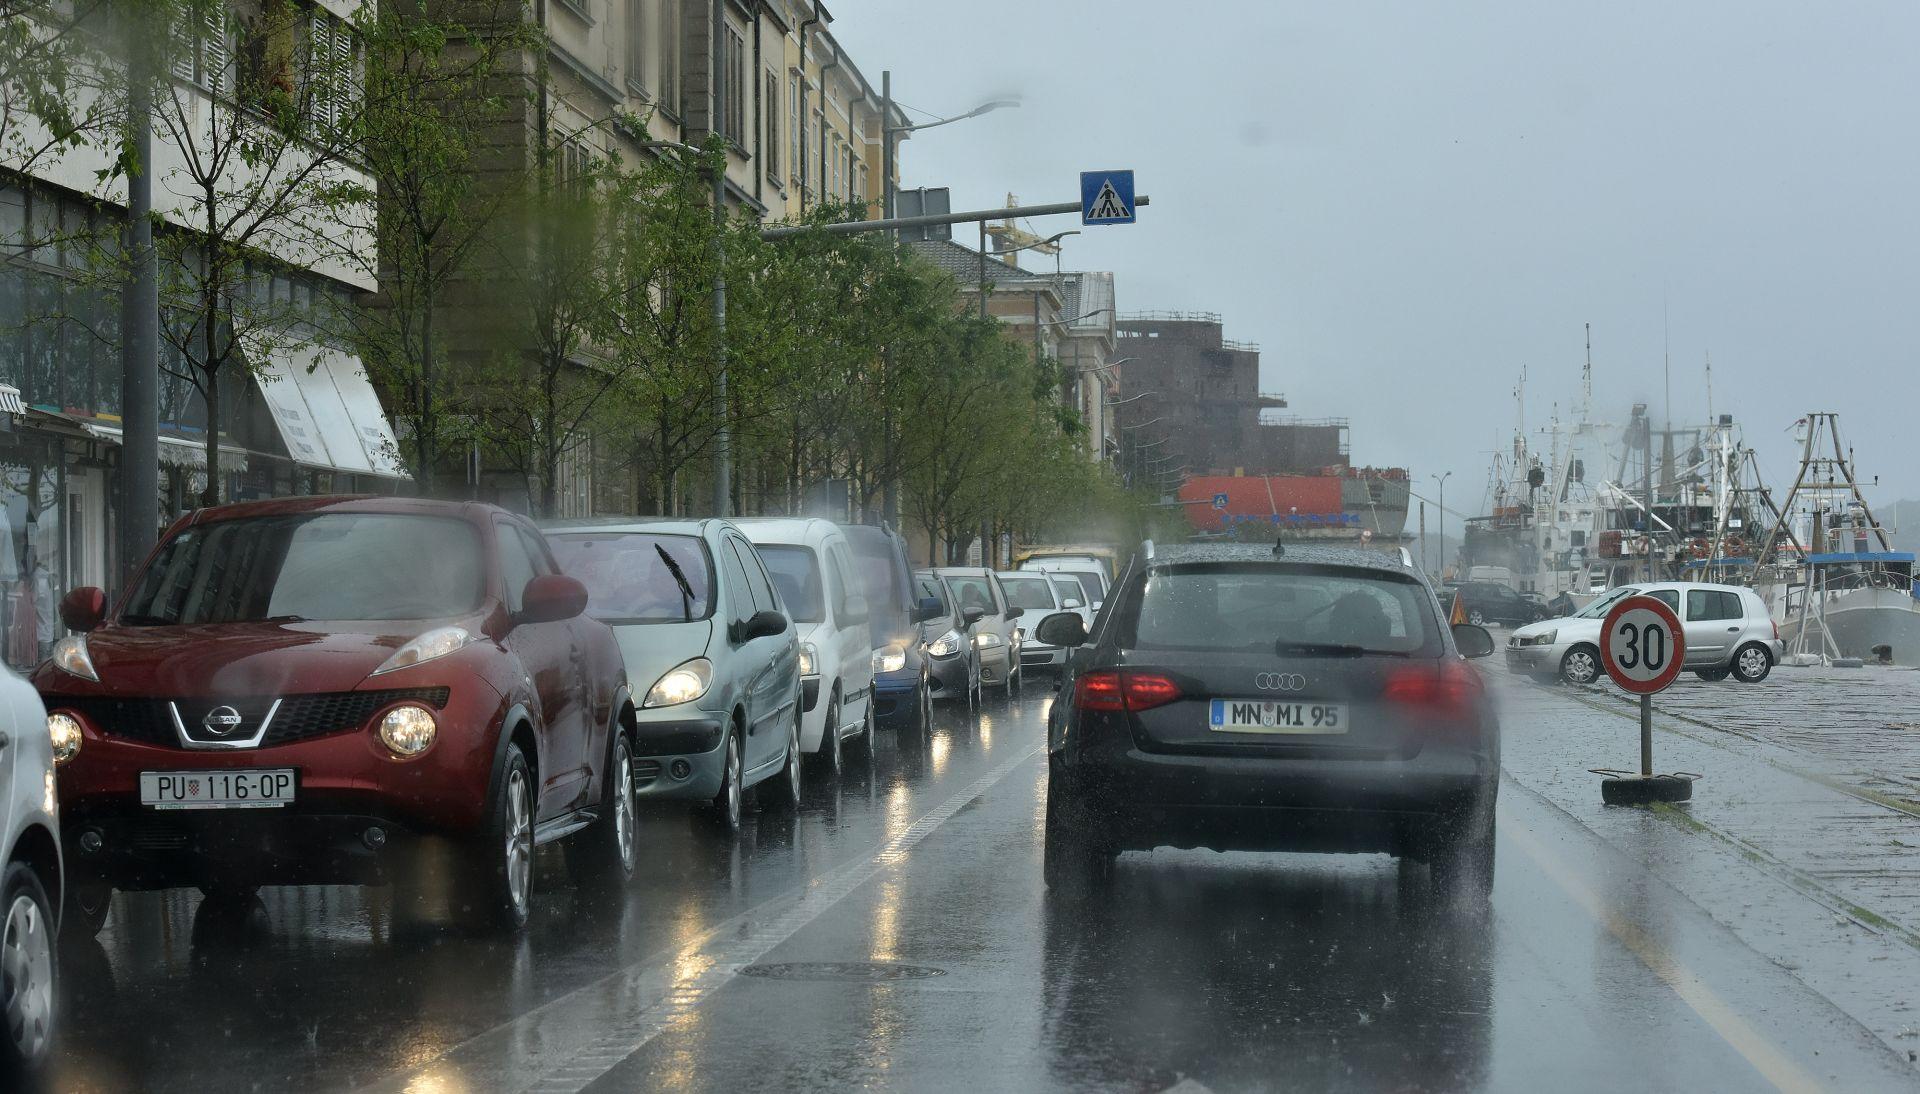 HAK Mokre ceste, zbog juga u prekidu katamaranske linije